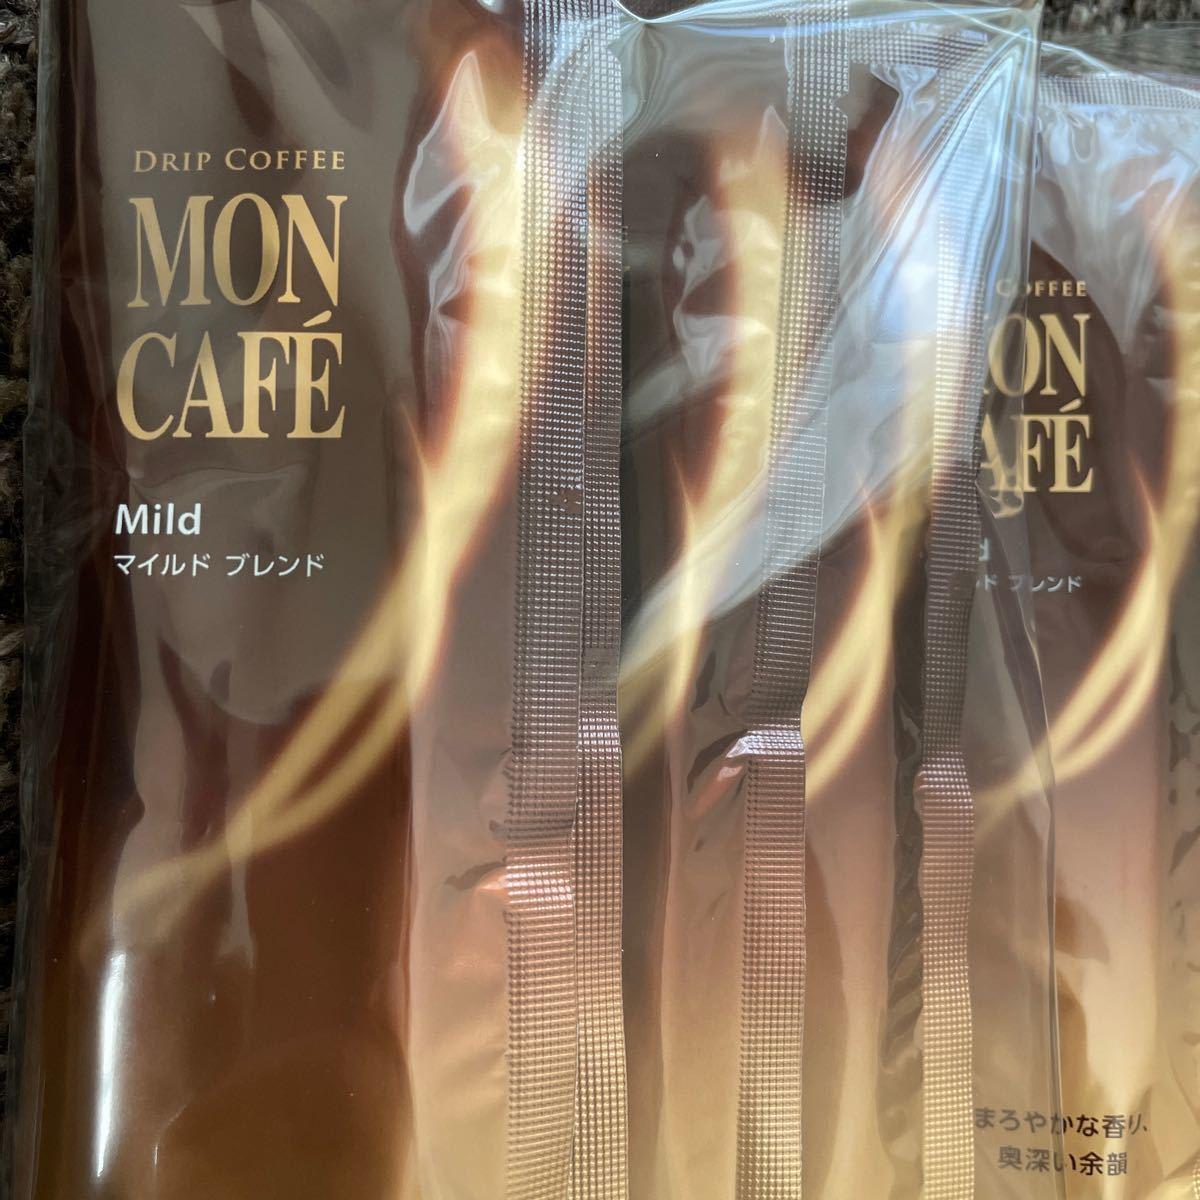 モンカフェ マイルドブレンド ドリップコーヒー コーヒーレギュラーコーヒー 15袋